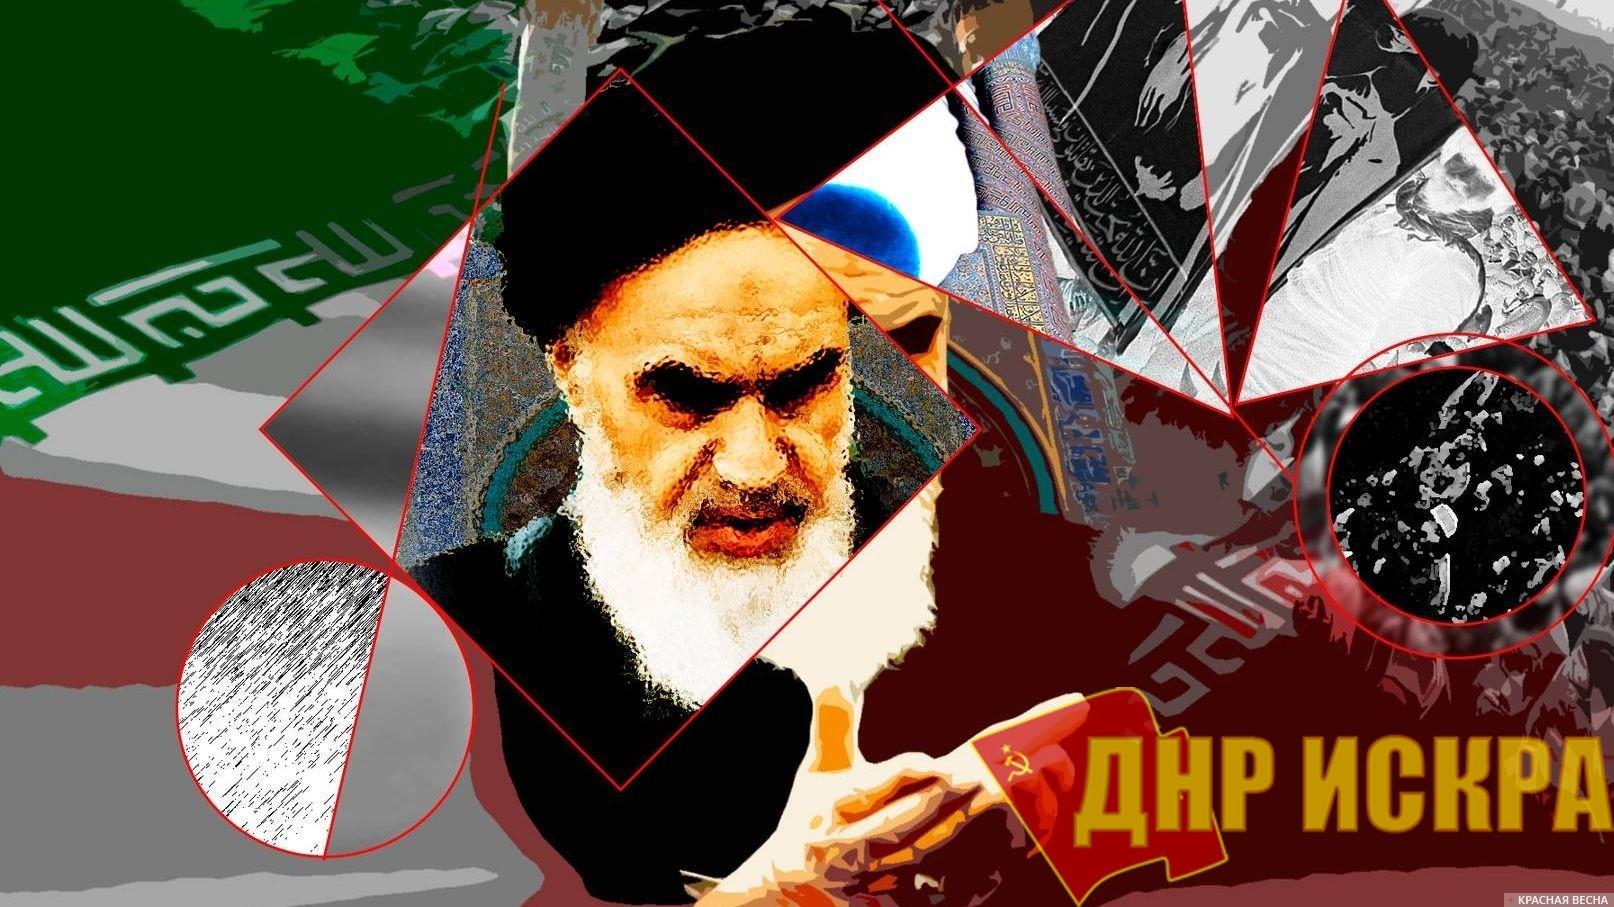 Восточная Иранская мудрость гласит: преимущество санкций в том, что теперь мы можем продавать оружие